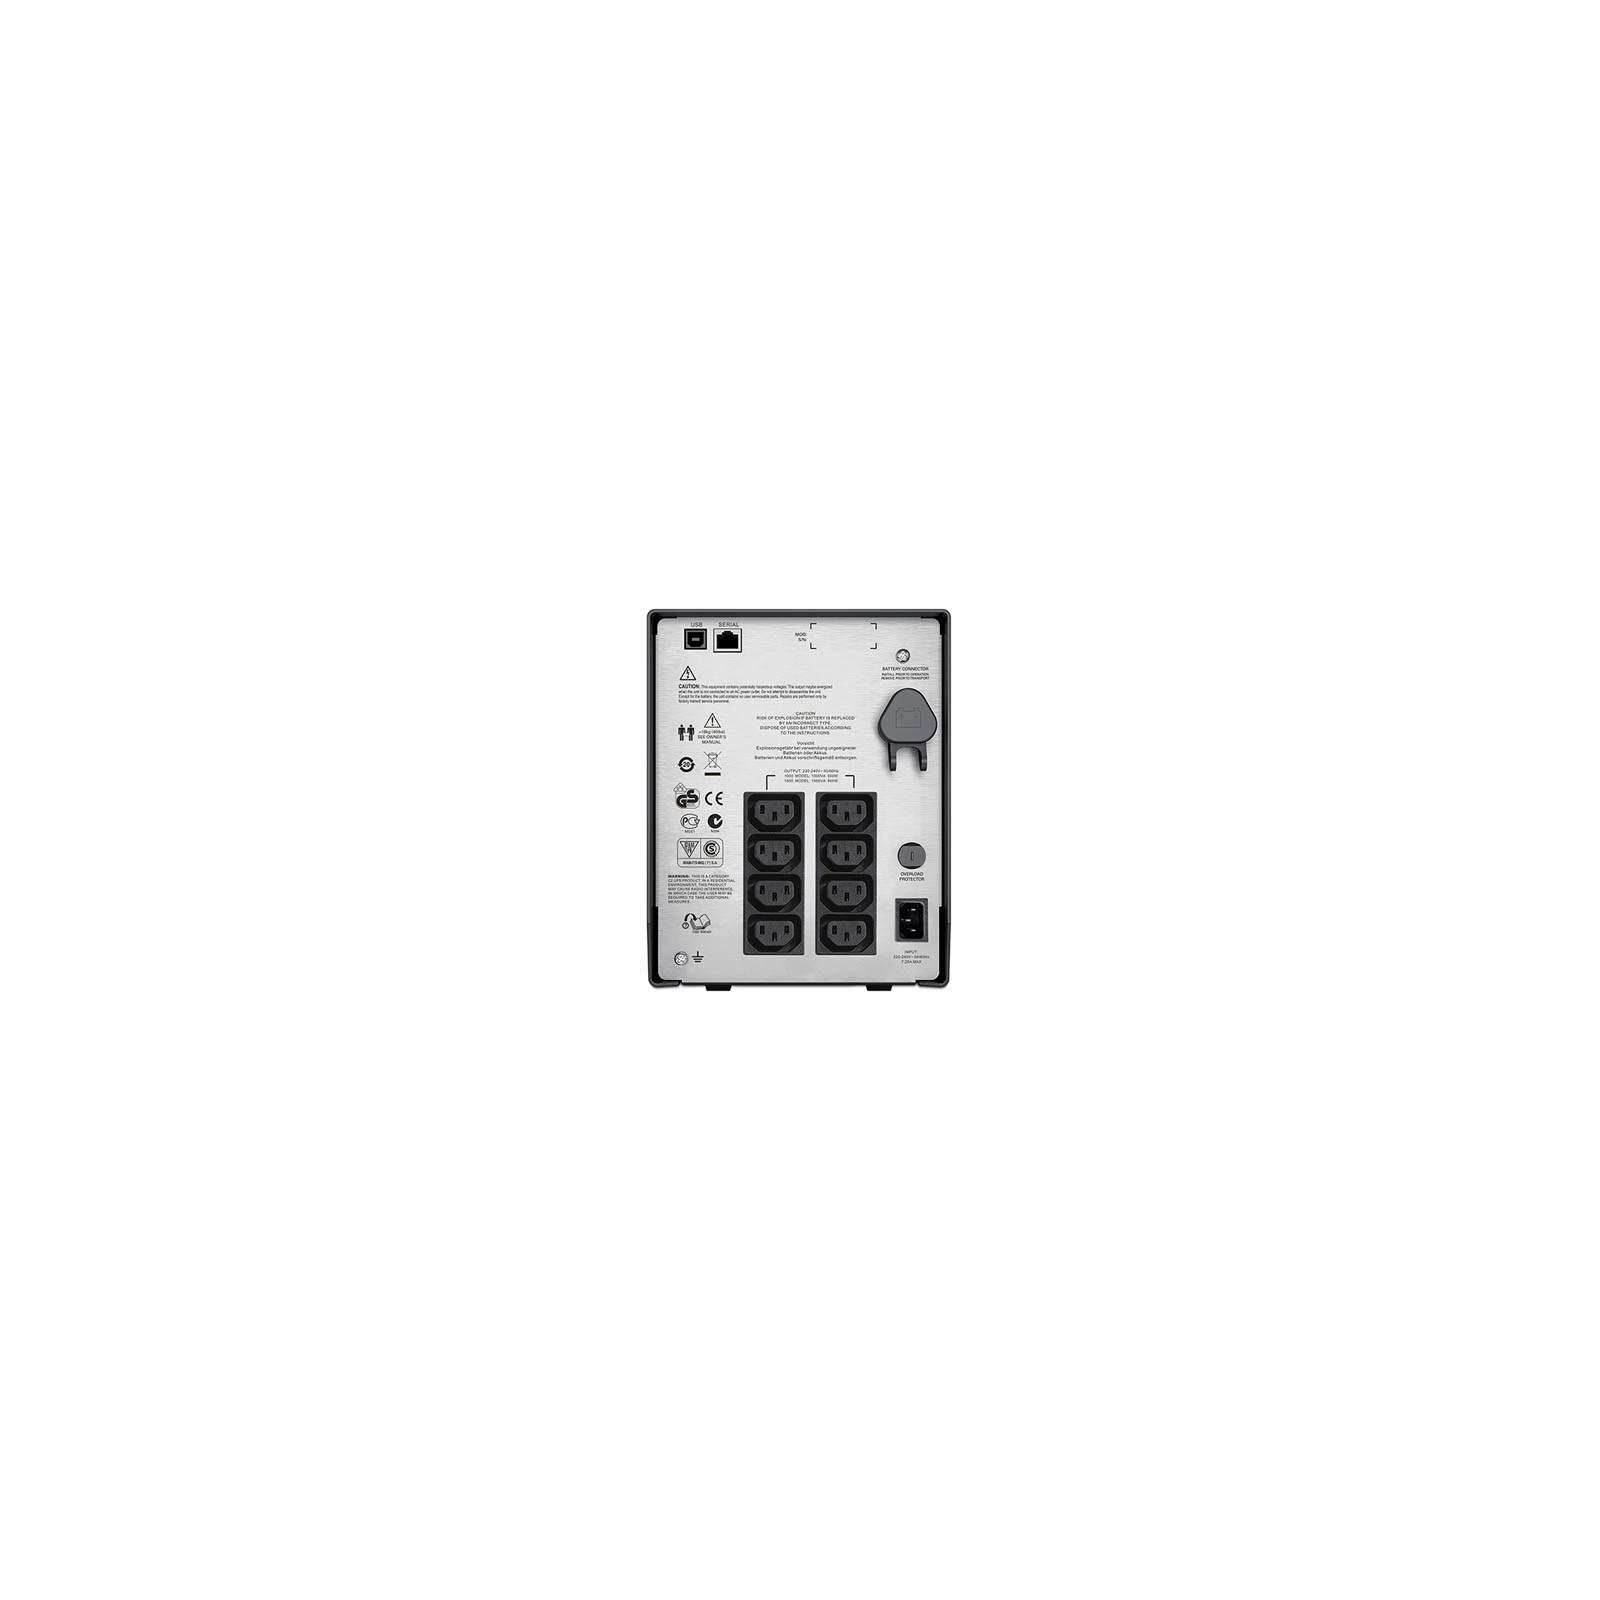 Источник бесперебойного питания APC Smart-UPS C 1000VA LCD 230V (SMC1000I) изображение 2